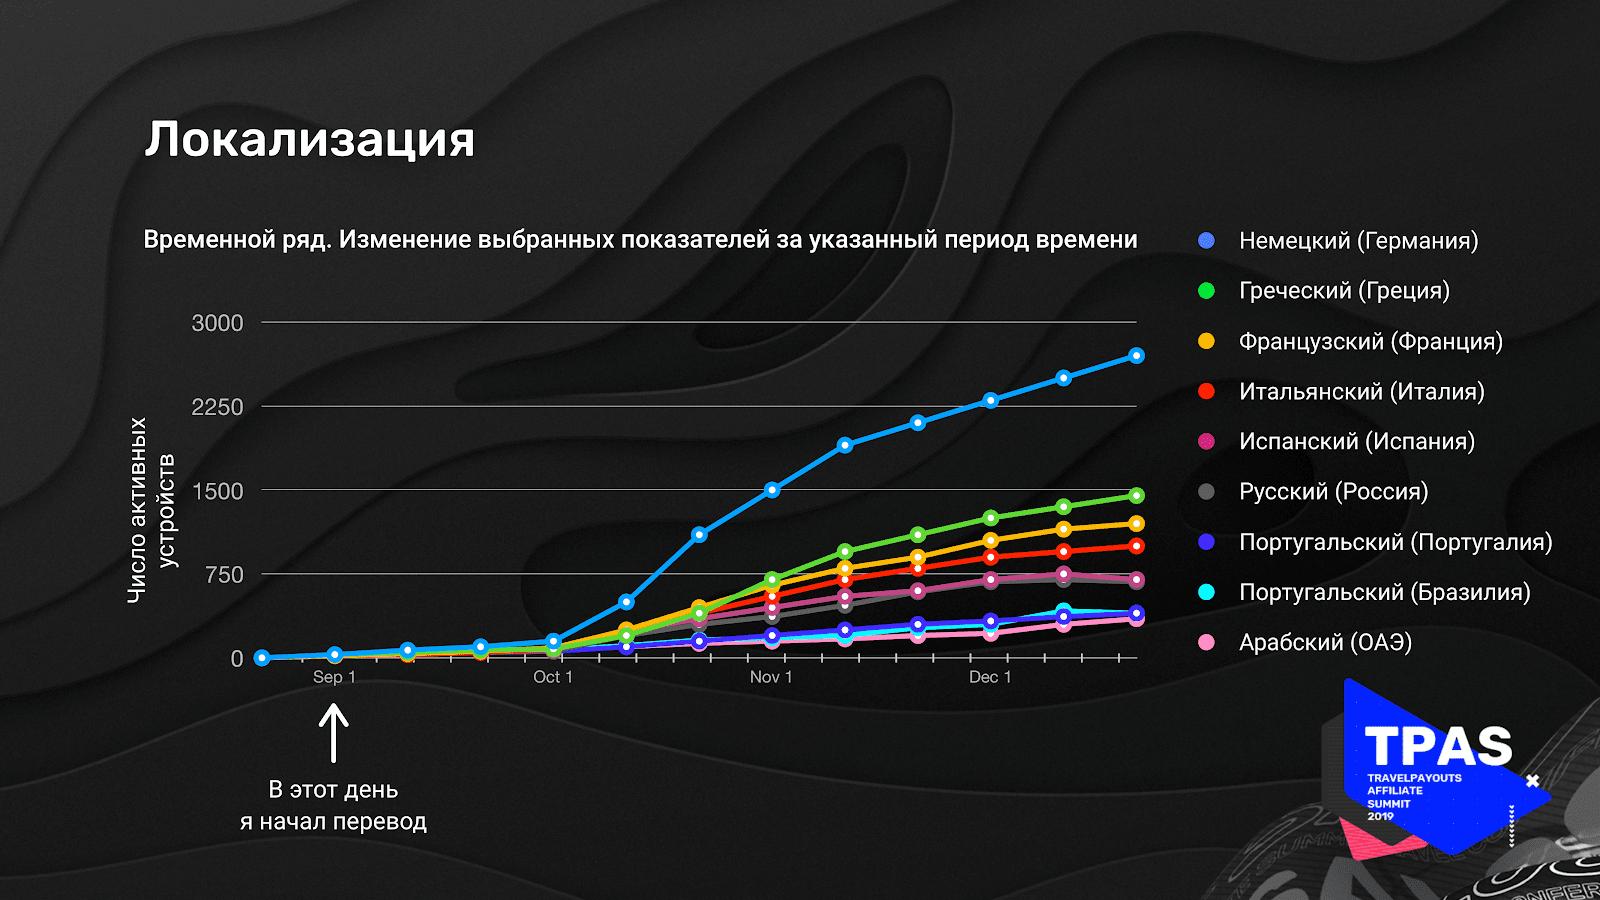 Статистика по росту числа скачиваний после локализации приложения